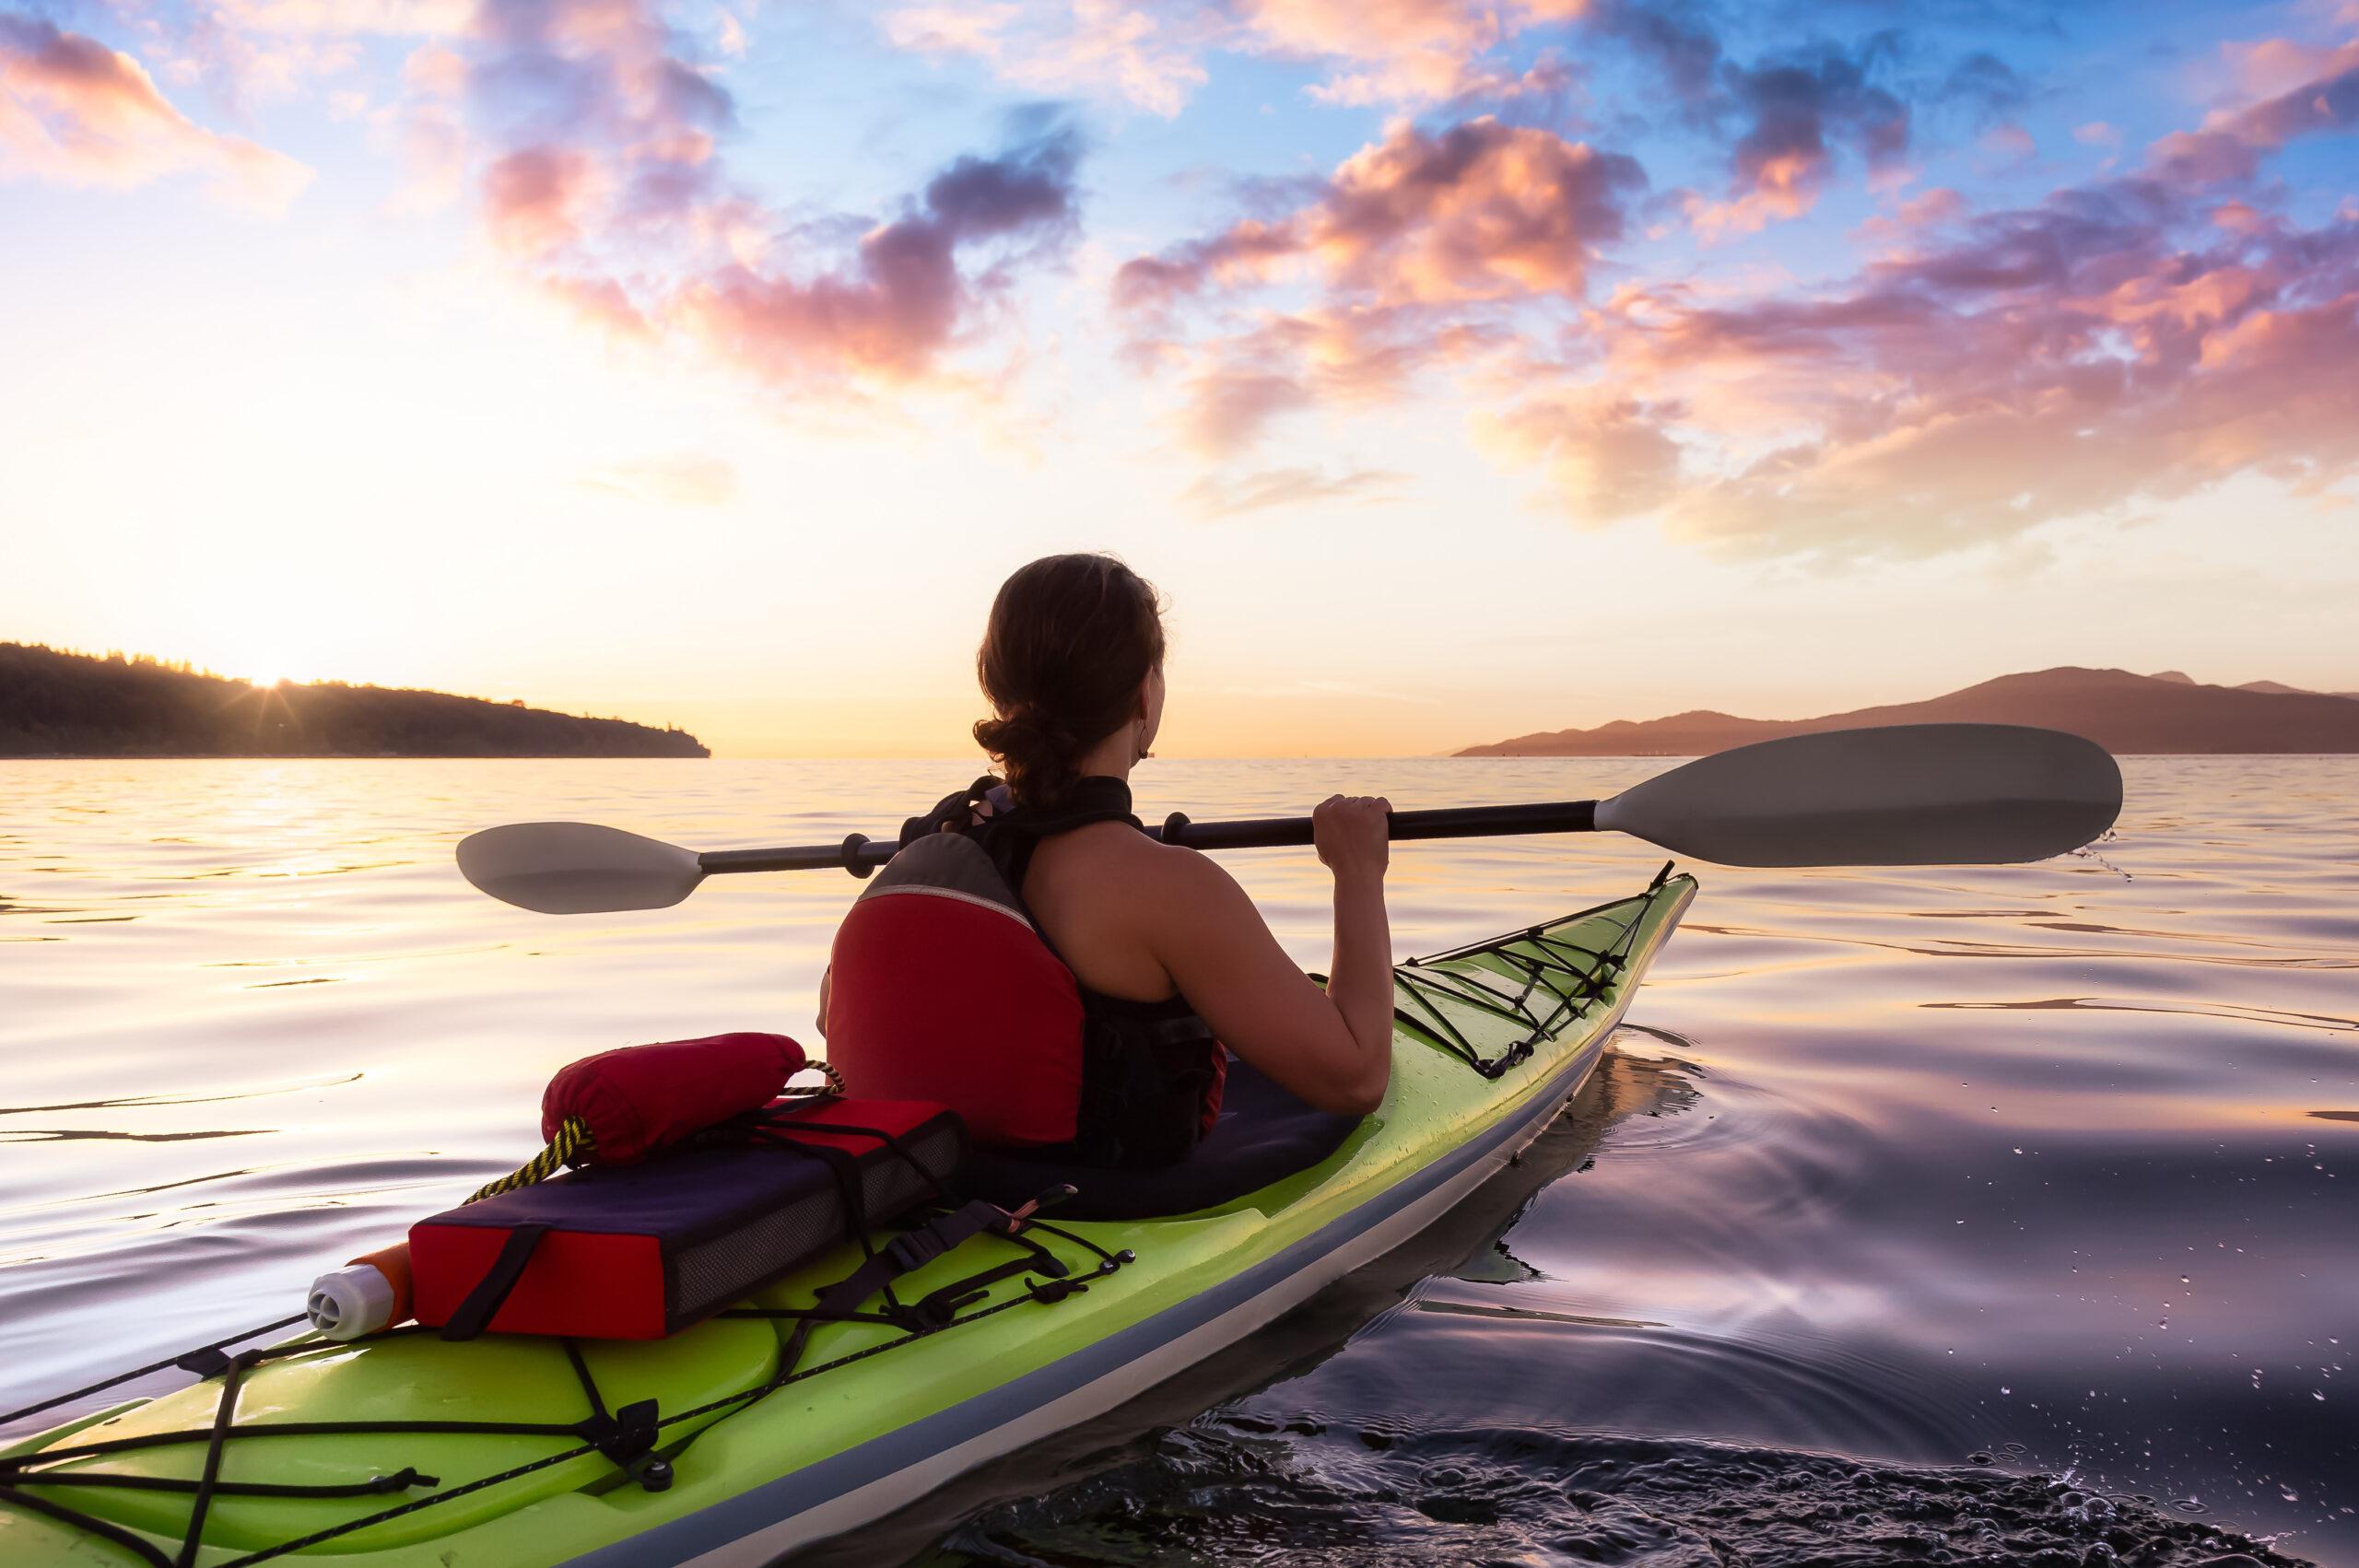 Sunset Kayak Tour at Jericho Beach